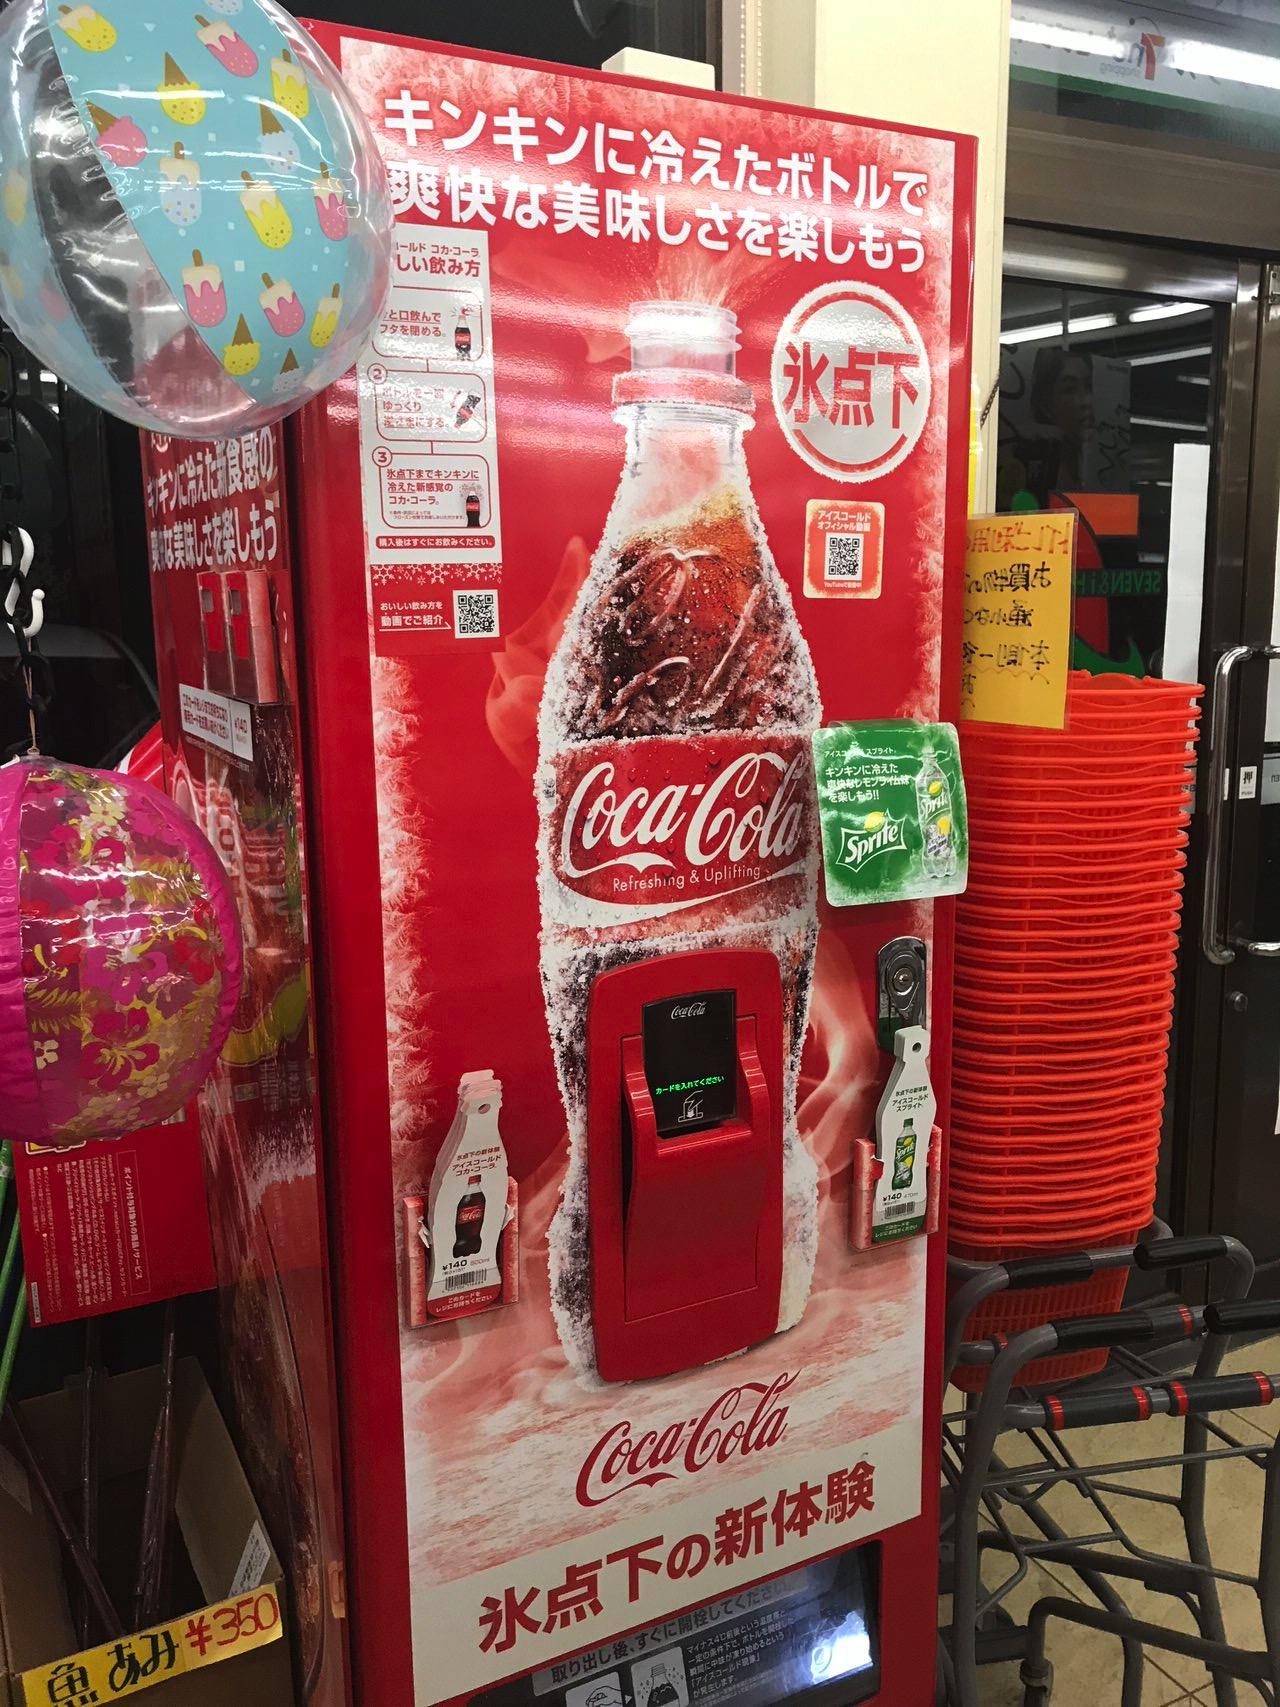 過冷却で凍る「アイスコールド コカコーラ」1